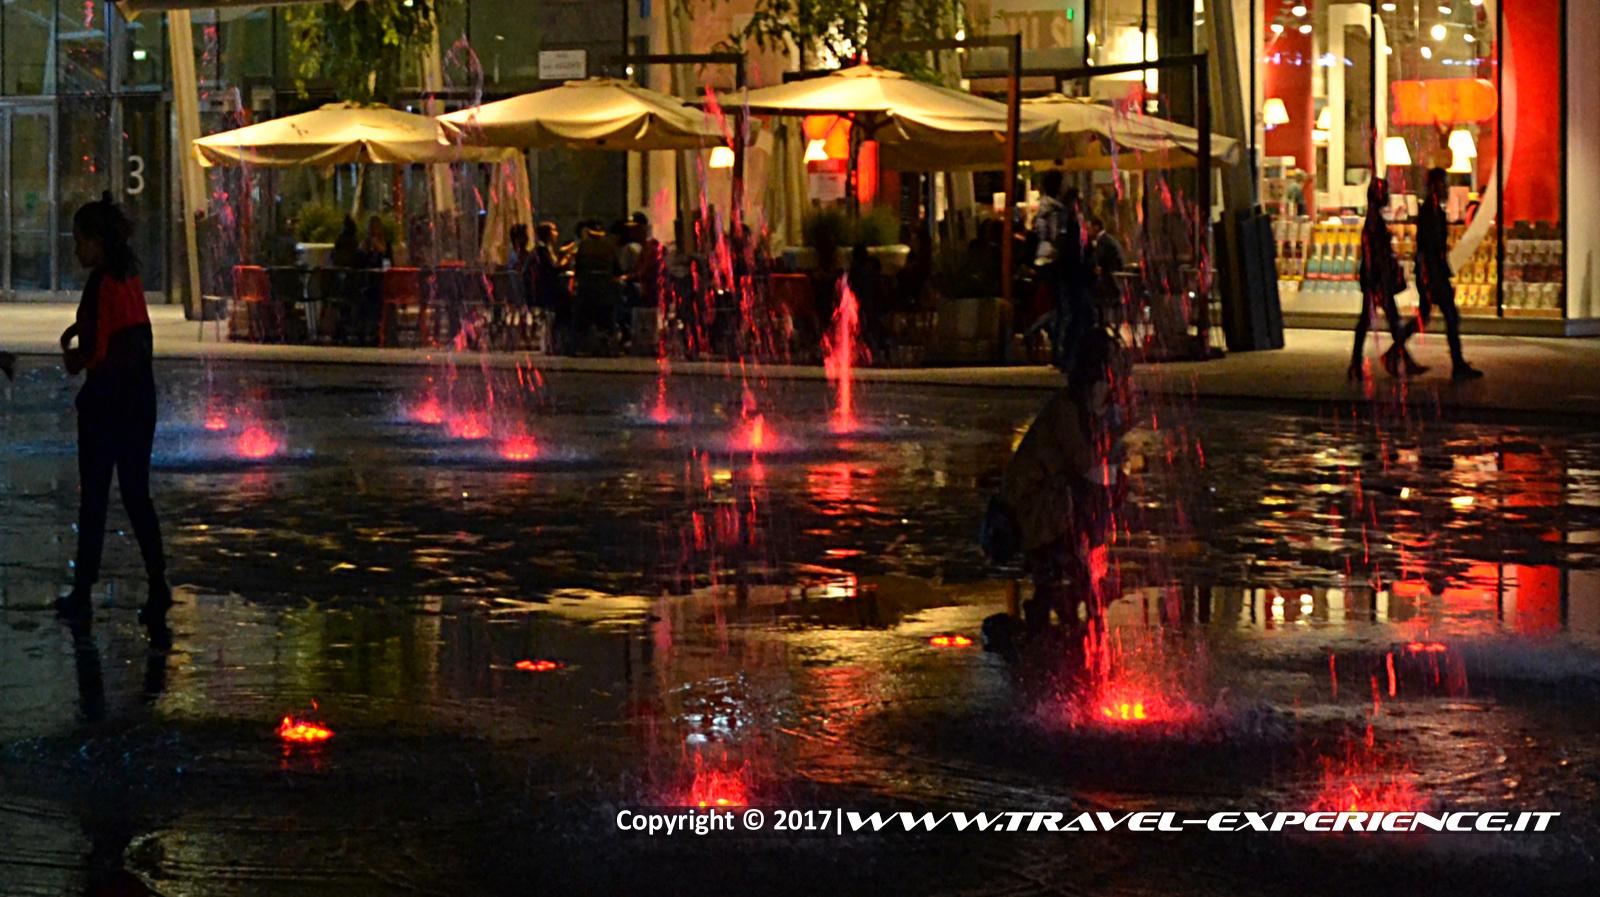 foto piazza Gae Aulenti di Milano